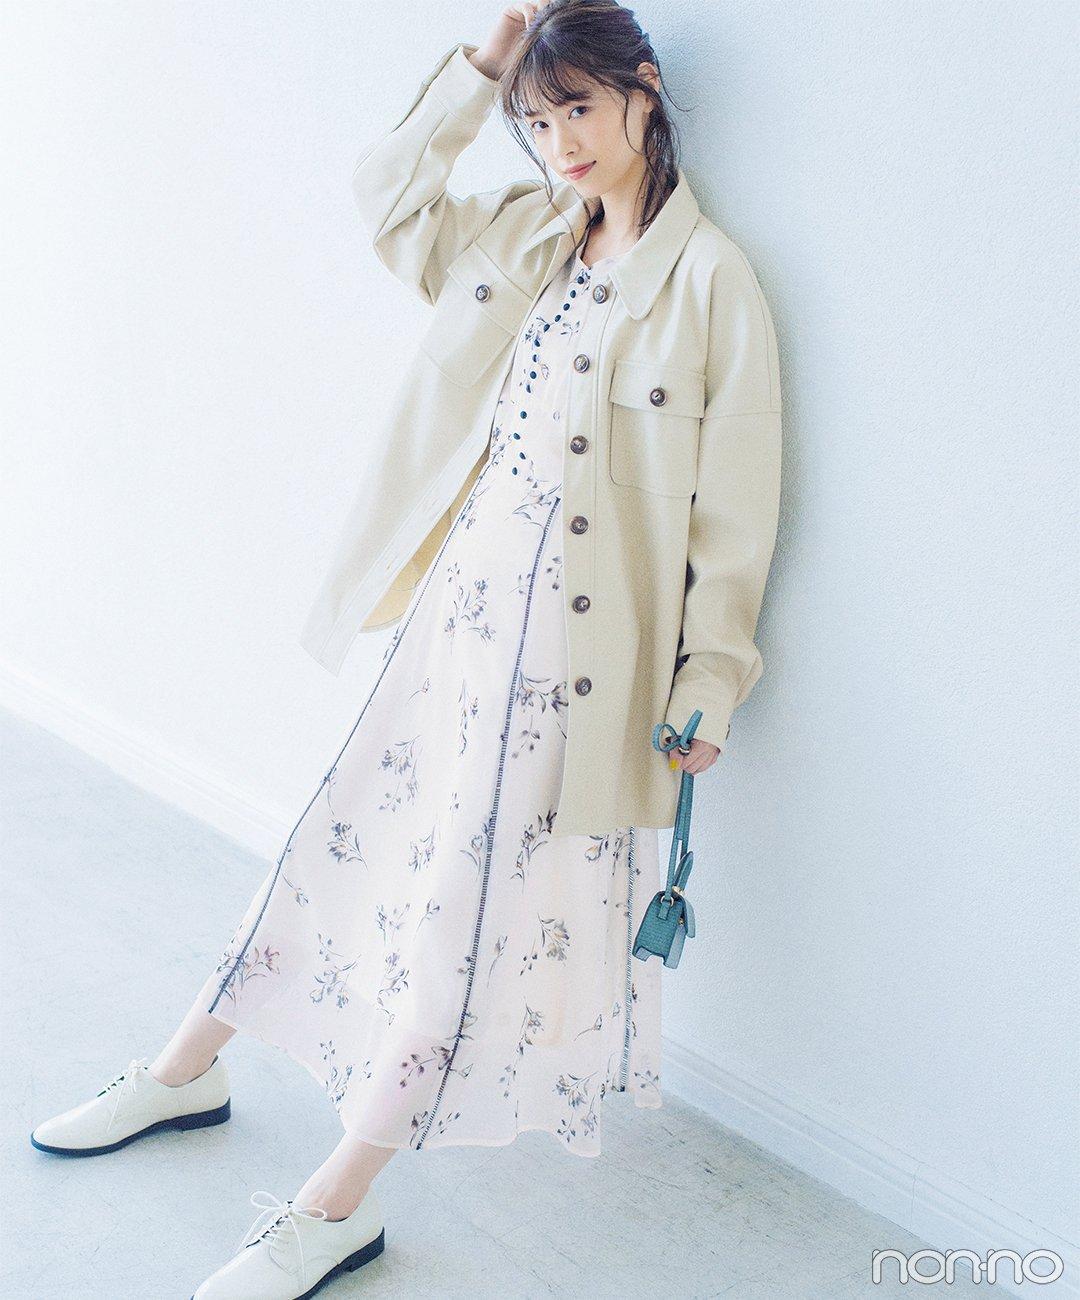 モデル 一覧 専属 乃木坂 【2020年版】乃木坂46に雑誌モデルのメンバーは何人いる?現役・元モデルメンバーを紹介!